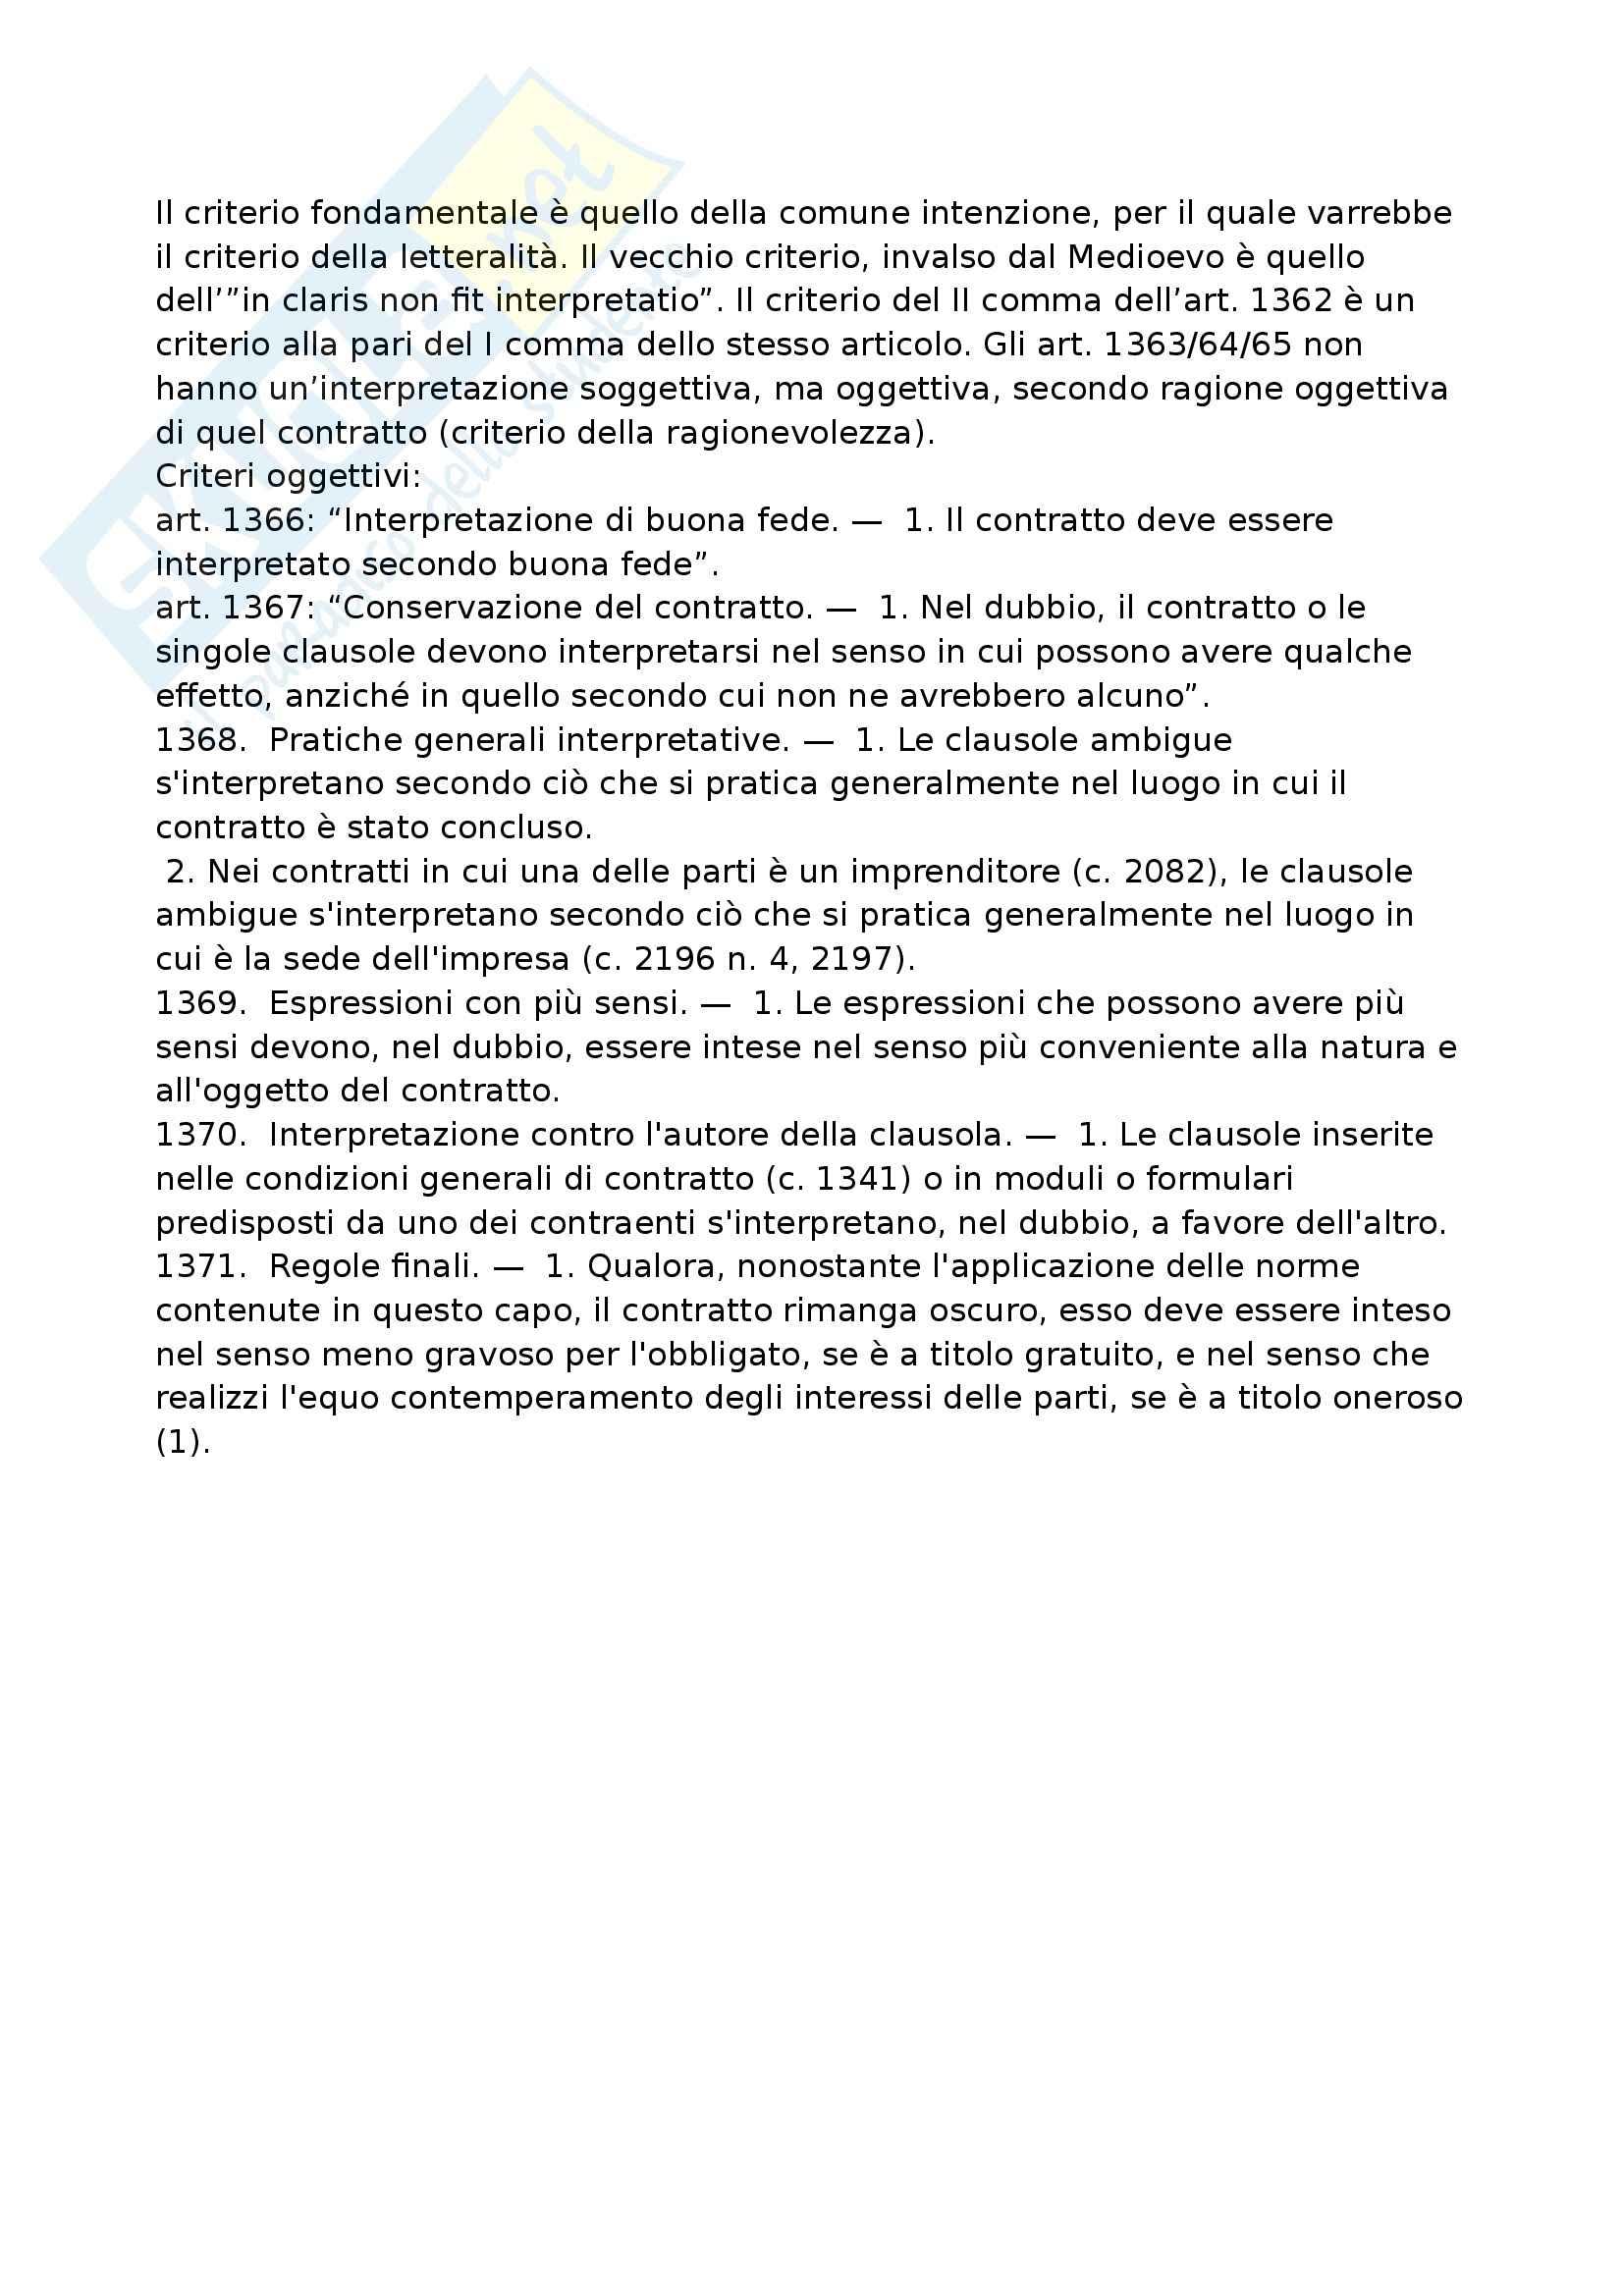 Riassunto esame Diritto Privato: il contratto e interpretazione, prof. Manfredonia Pag. 6